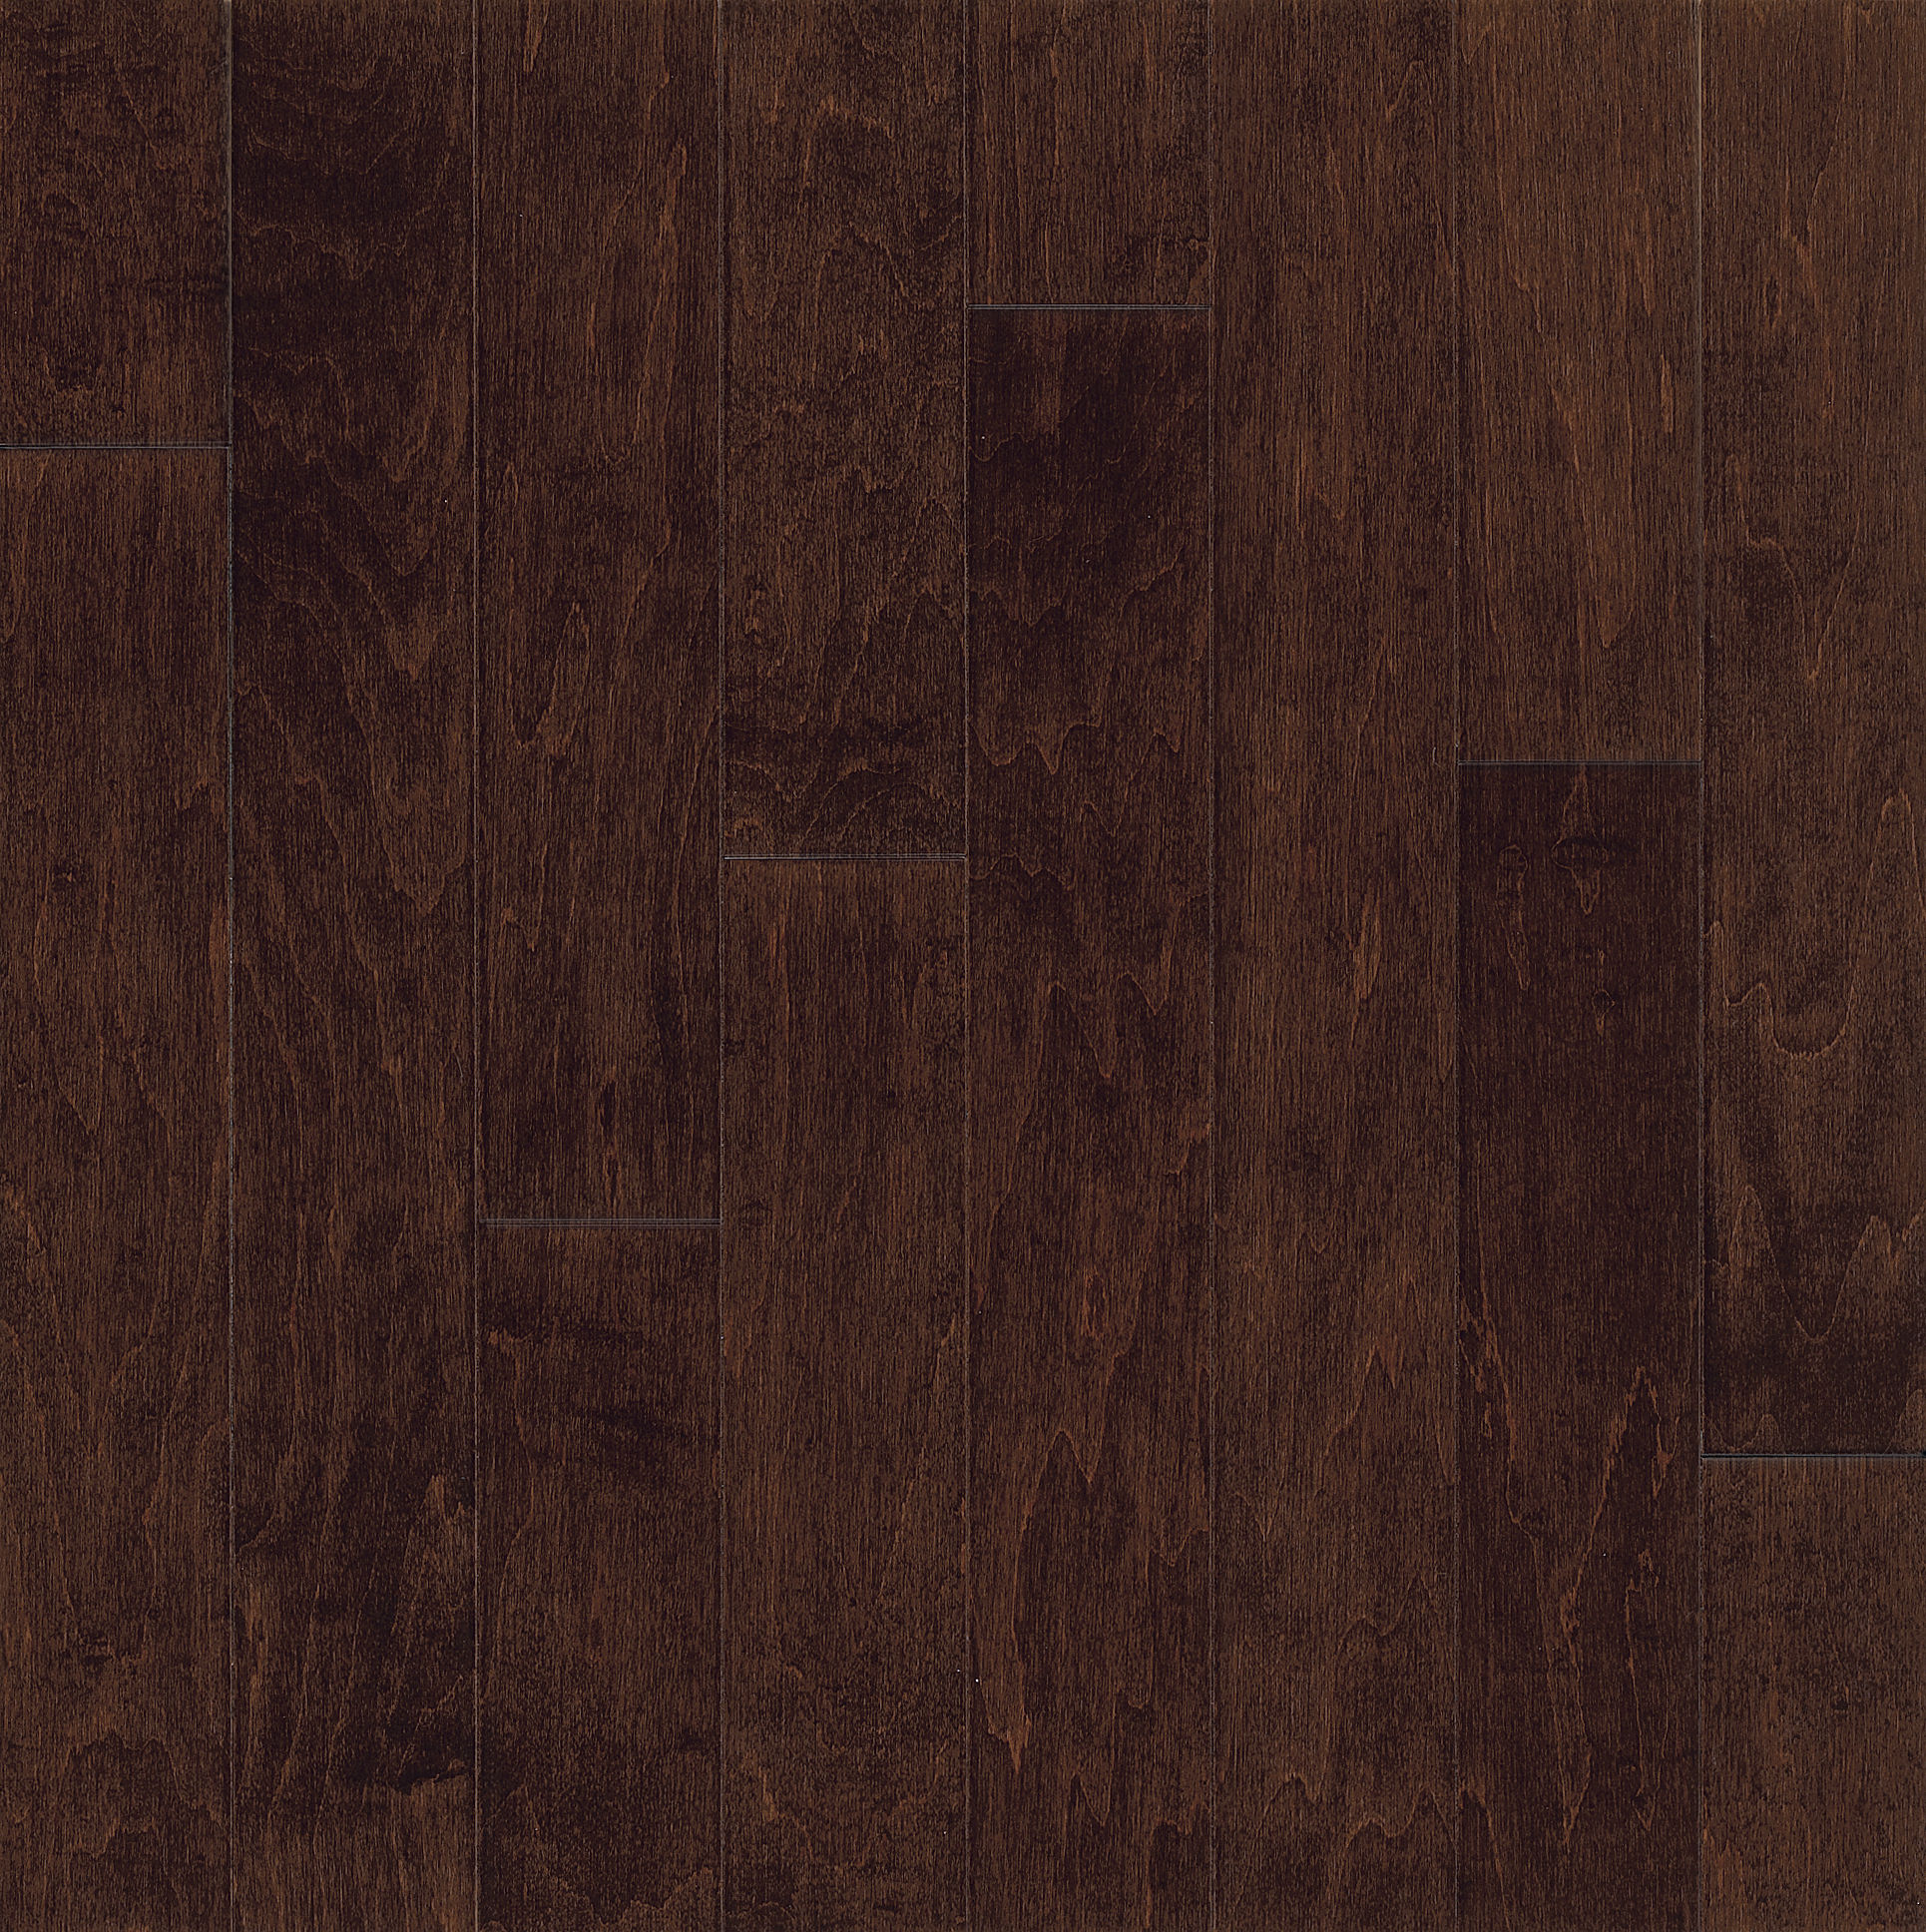 Cocoa Brown Maple